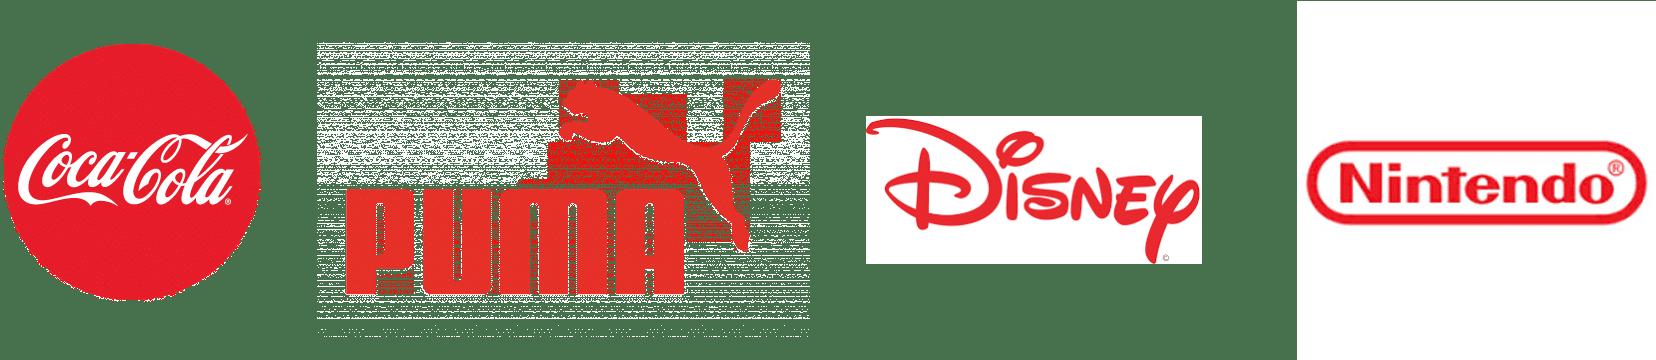 exemple de logos rouges